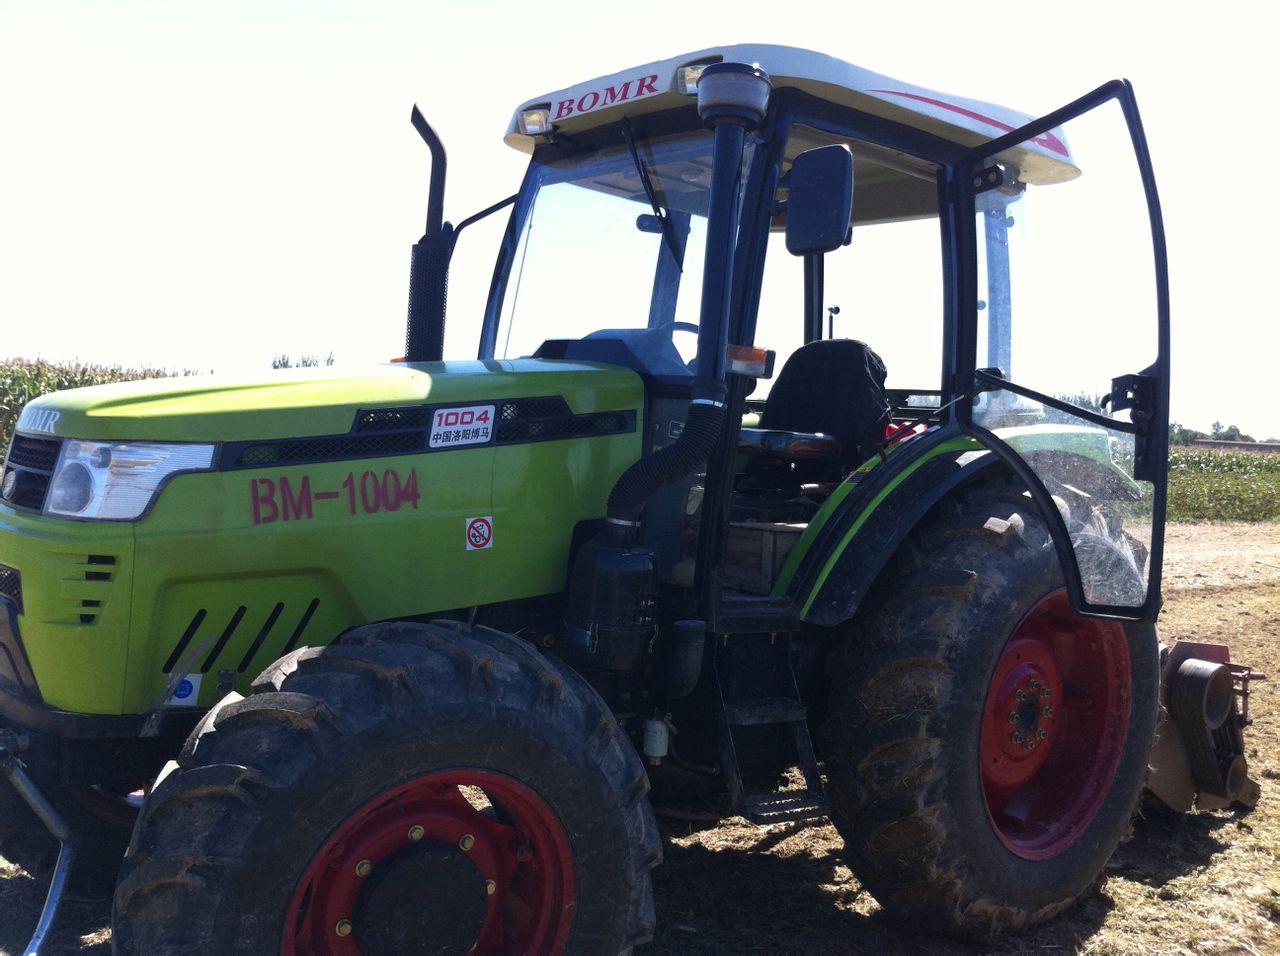 洛阳市博马农业工程机械有限公司 东方红拖拉机 吧 cdata 高清图片